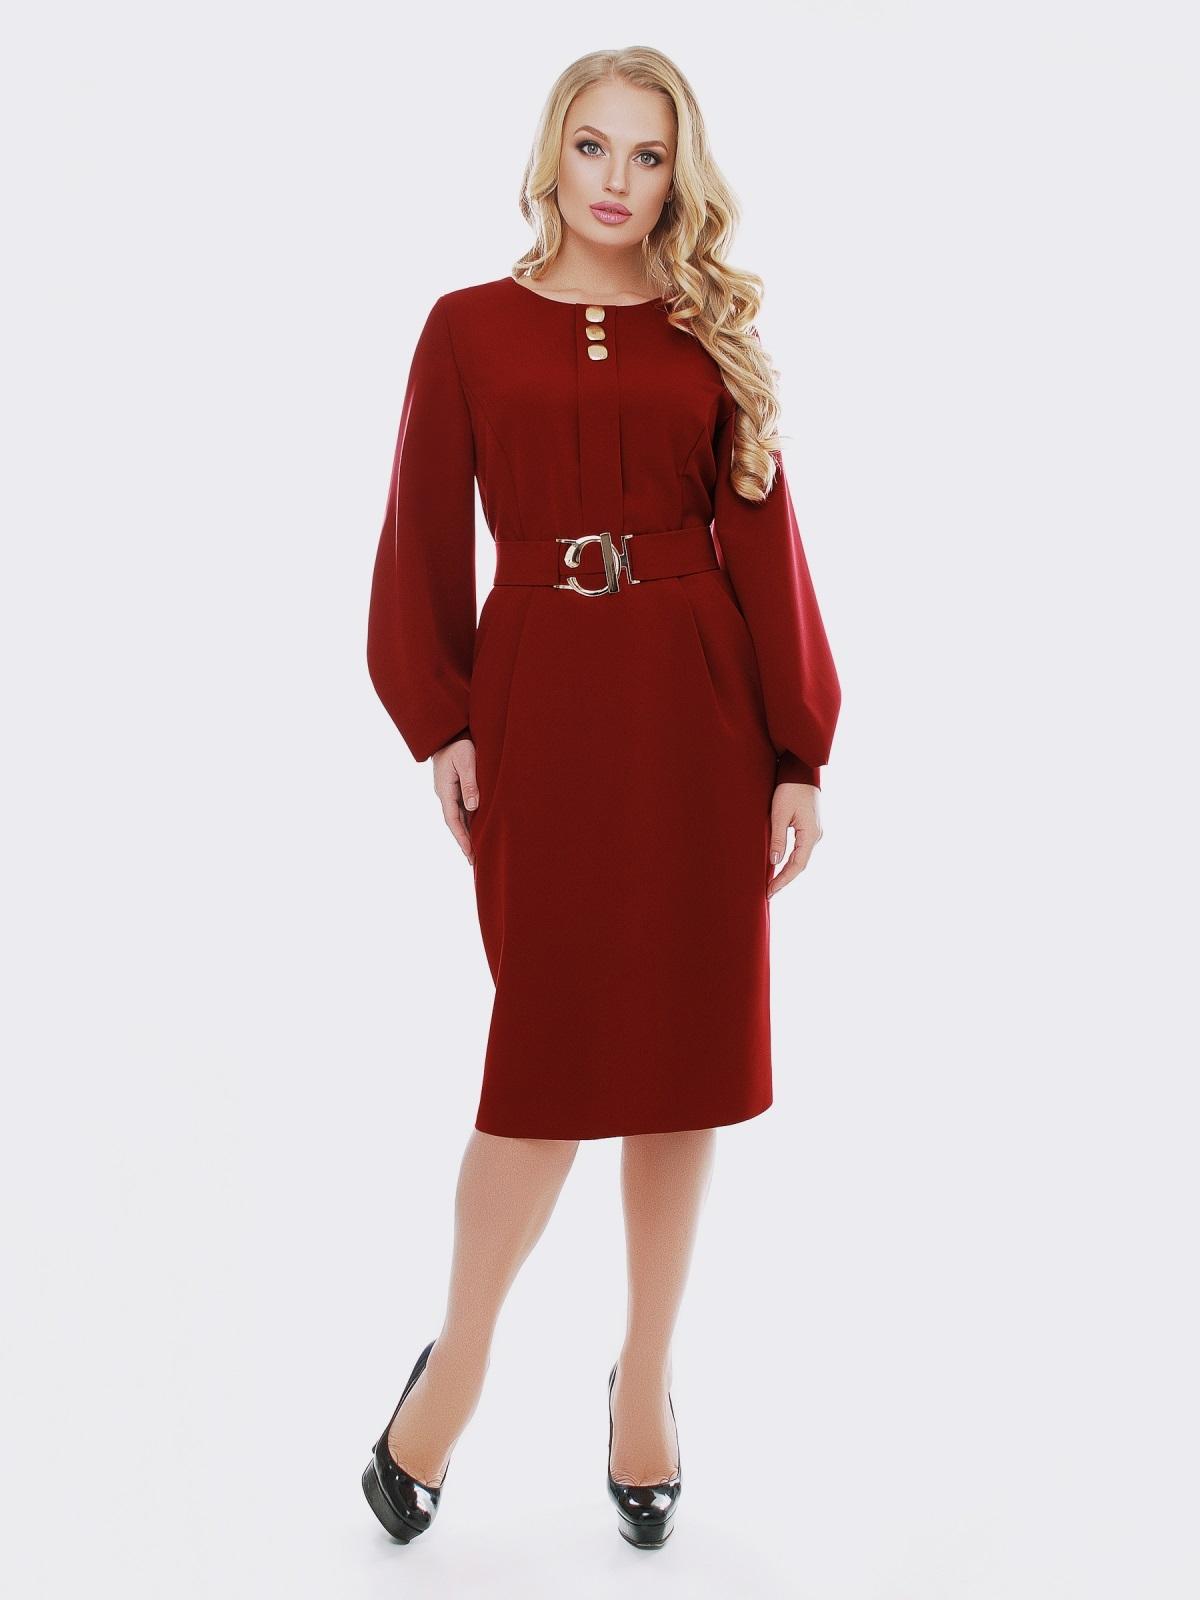 Бордовое платье с расклешенными рукавами - 19113, фото 1 – интернет-магазин Dressa